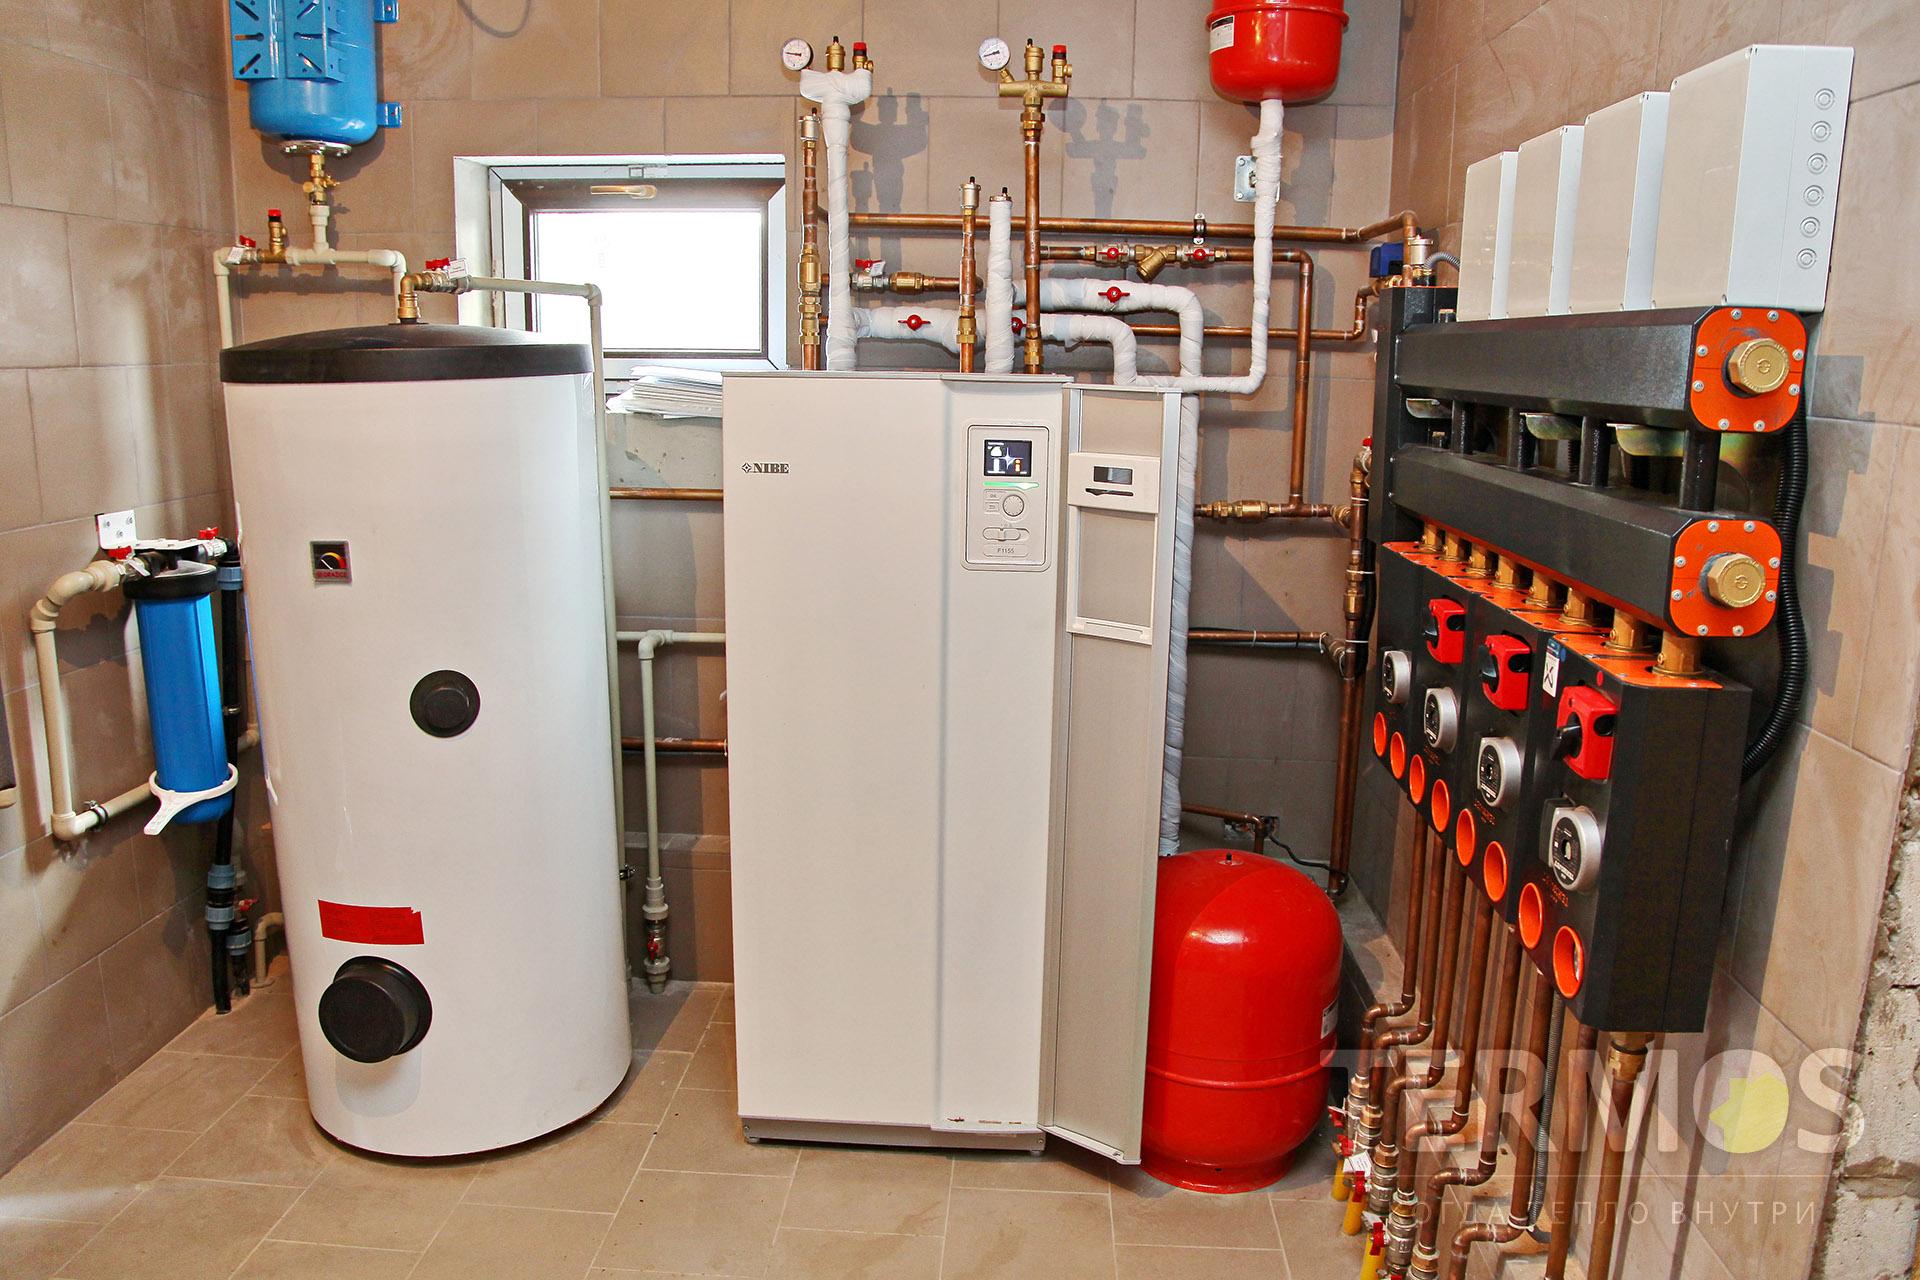 2017 год, с. Петровцы. Дом 300 м кв. Система отопления на геотермальном инверторном тепловом насосе NIBE 1155 16 кВт, с 5 геотермальными скважинами по 70 м